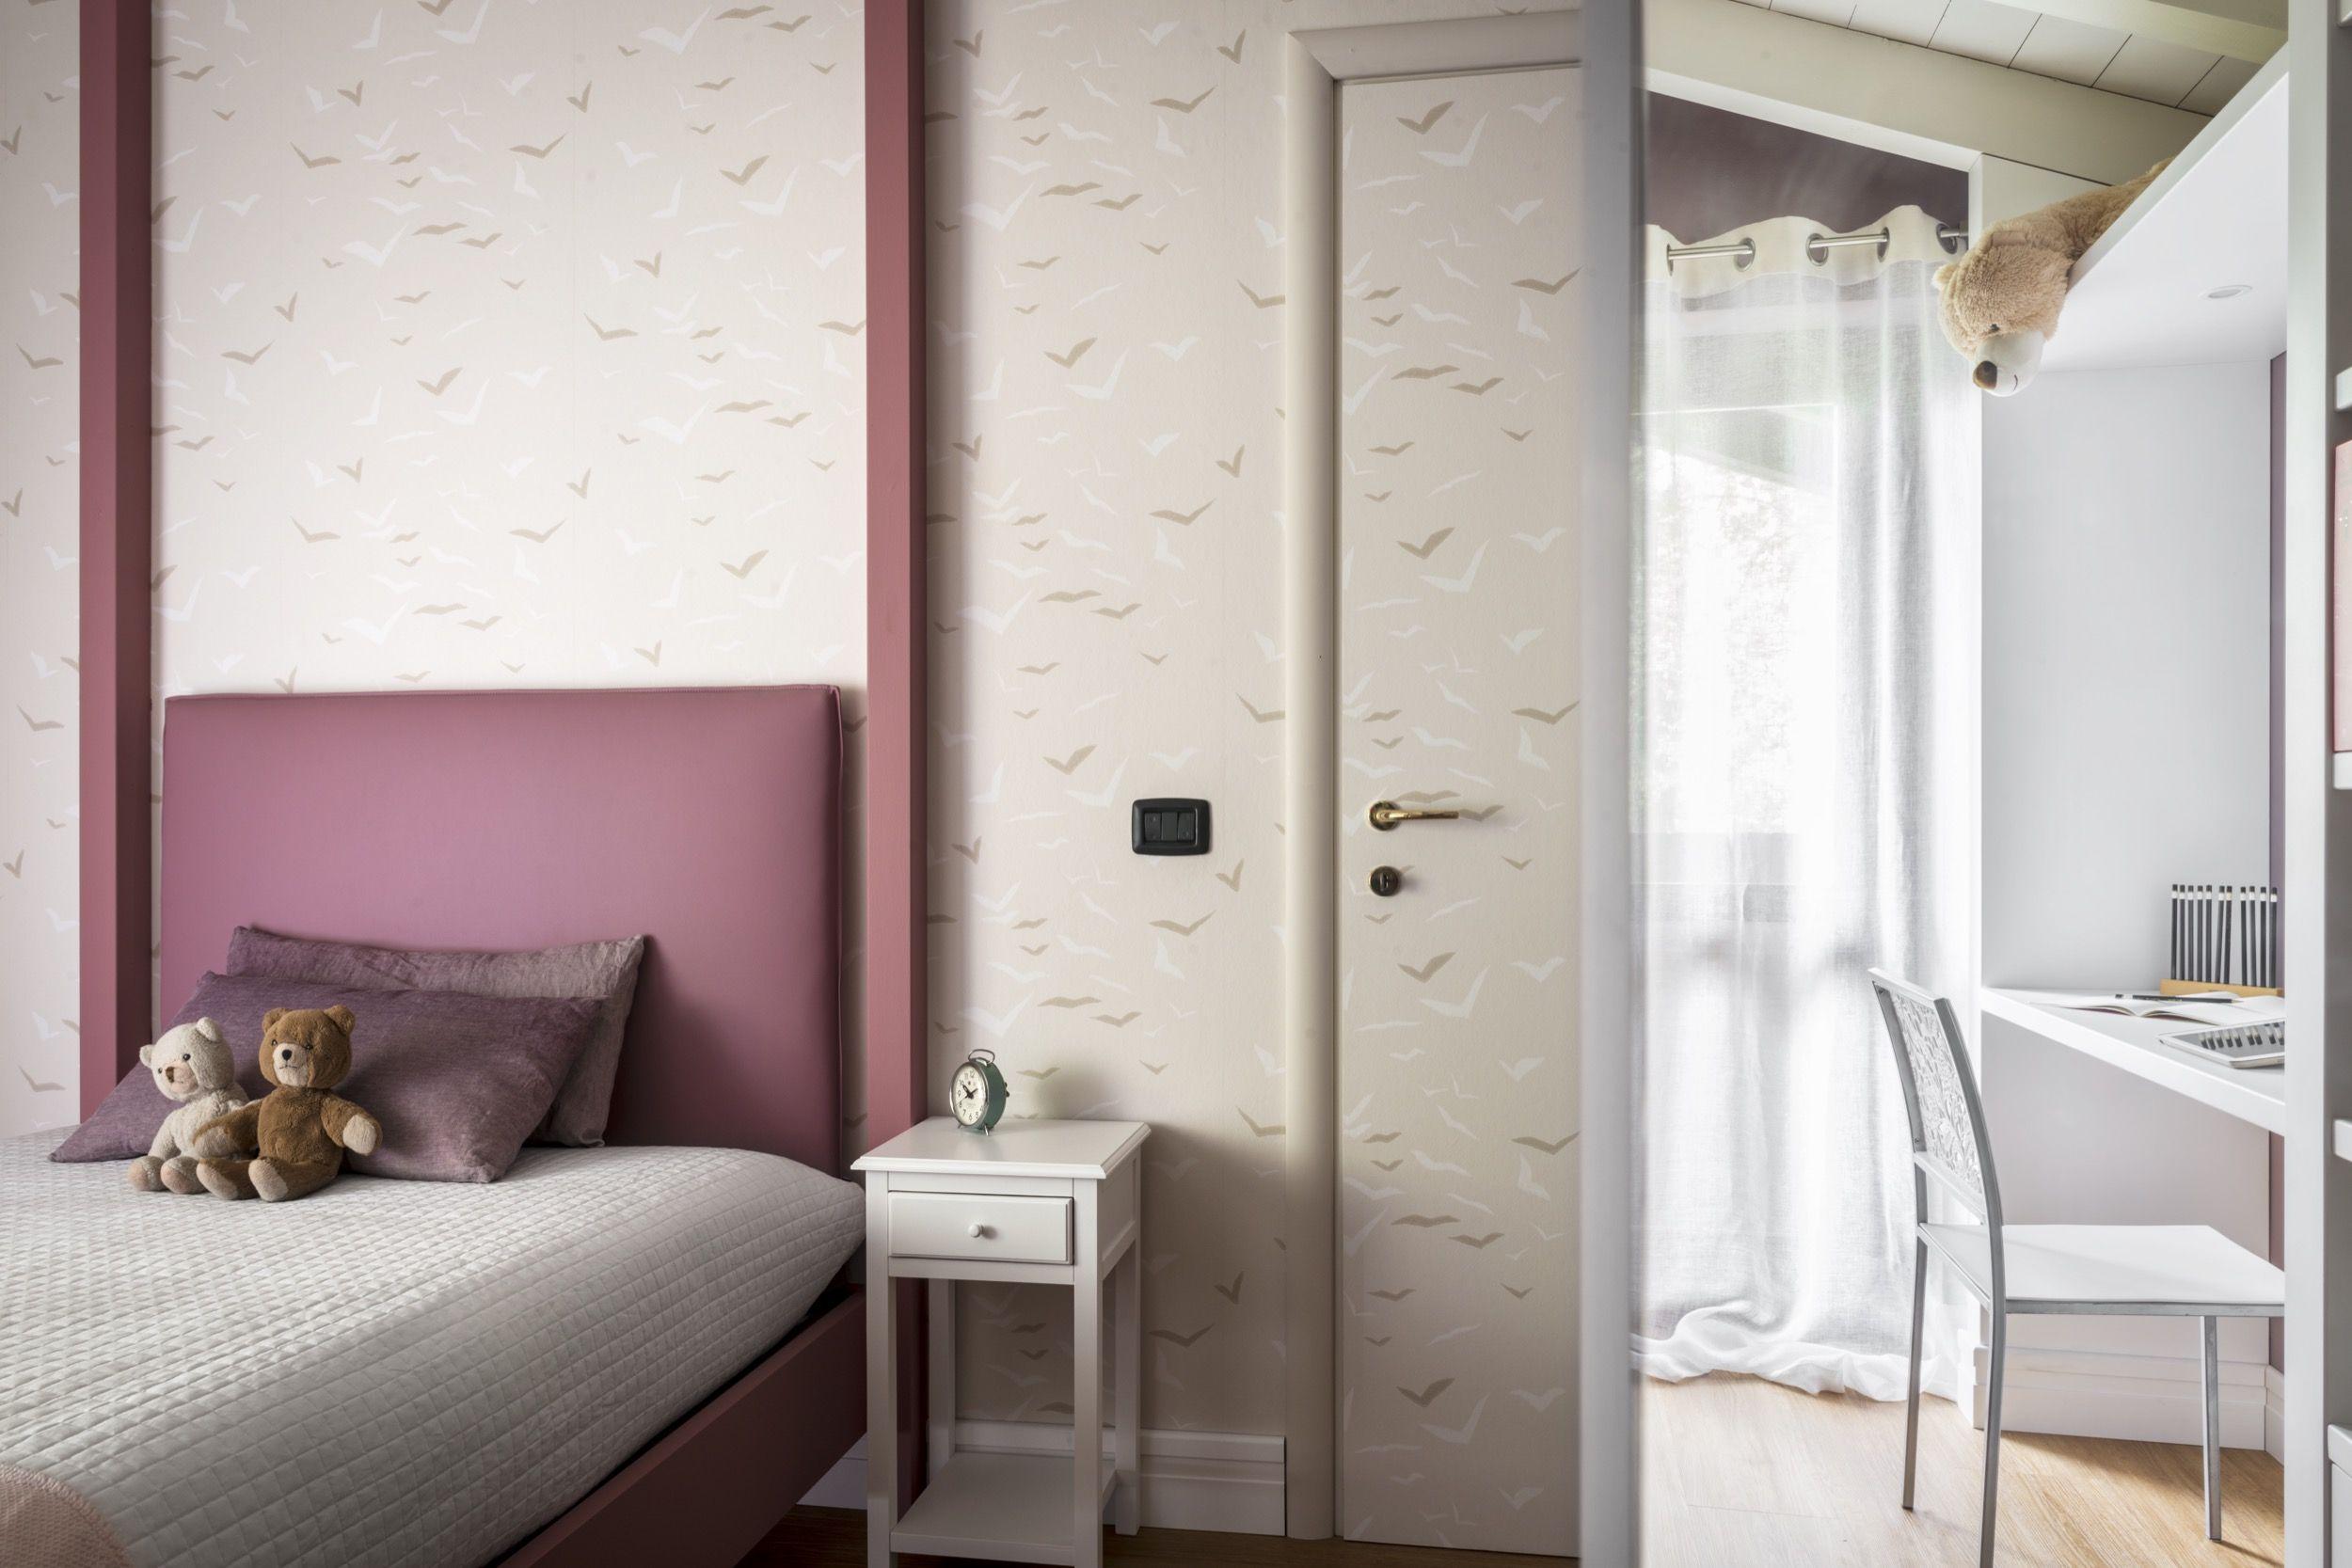 Interior re-looking di camera da letto singola per bimba. L ...